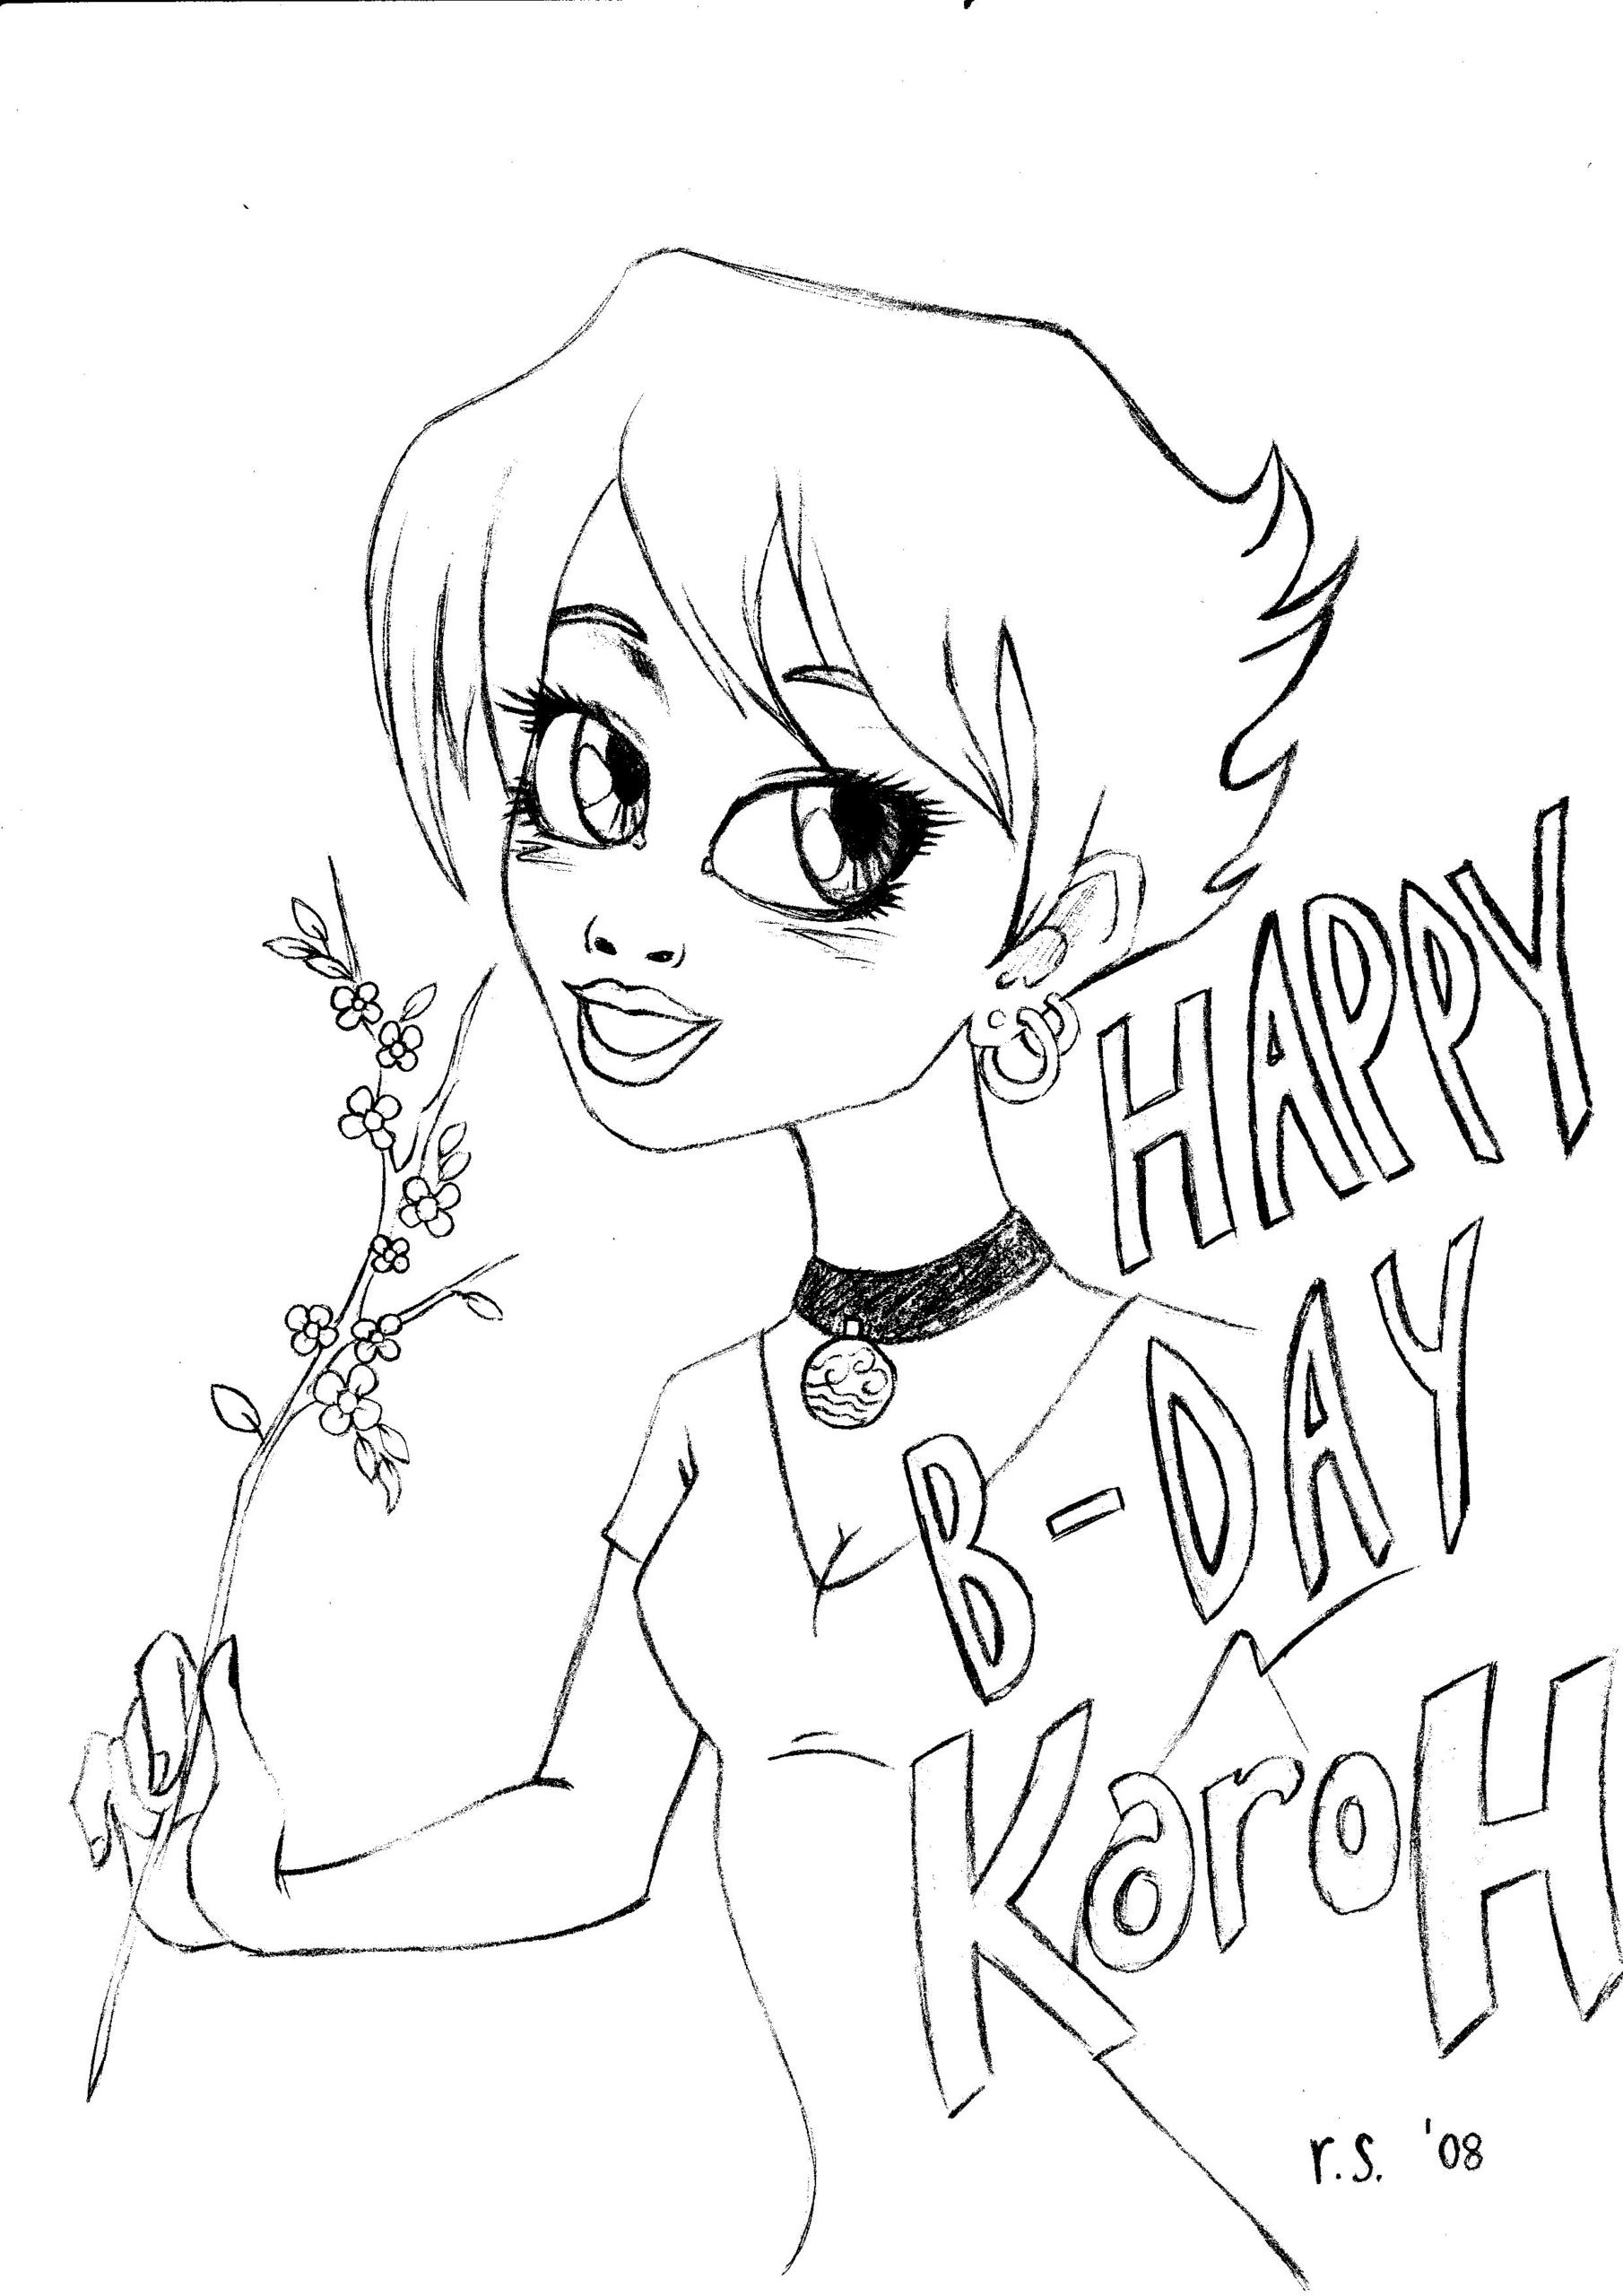 Happy Birthday Karoh 3